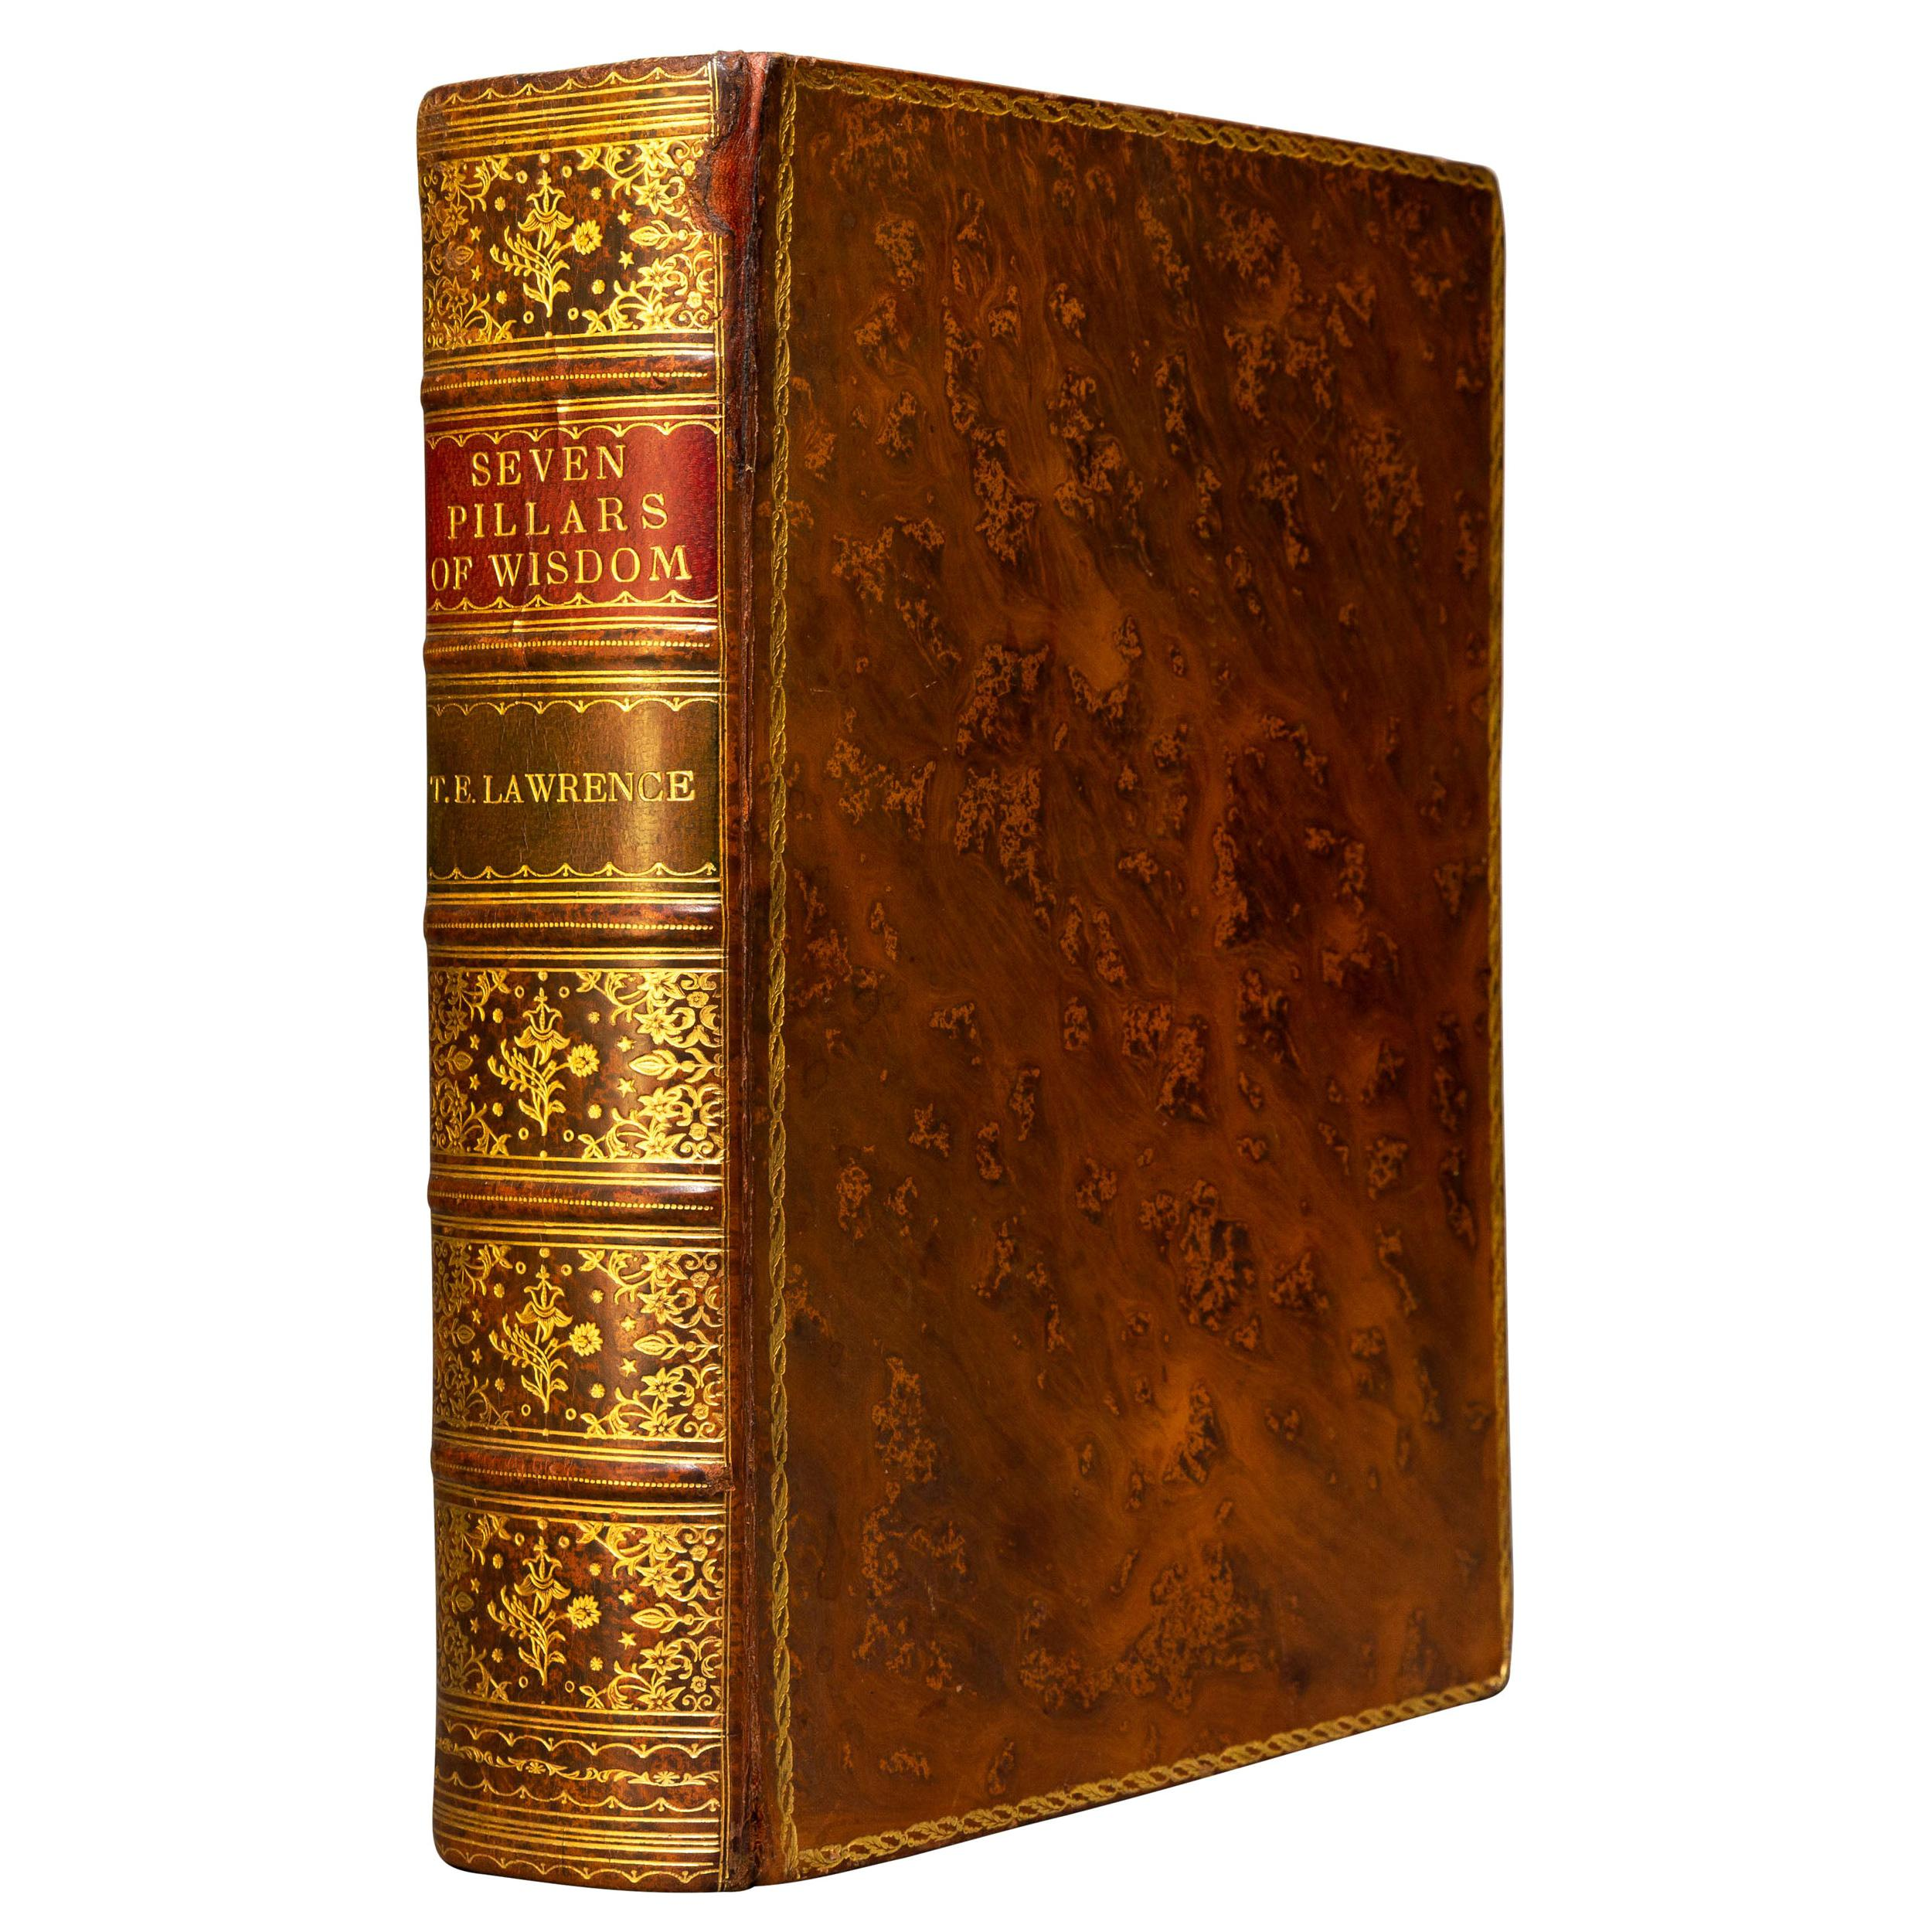 'Book Set' 1 Volume, T.E. Lawrence, Seven Pillars of Wisdom, A Triumph